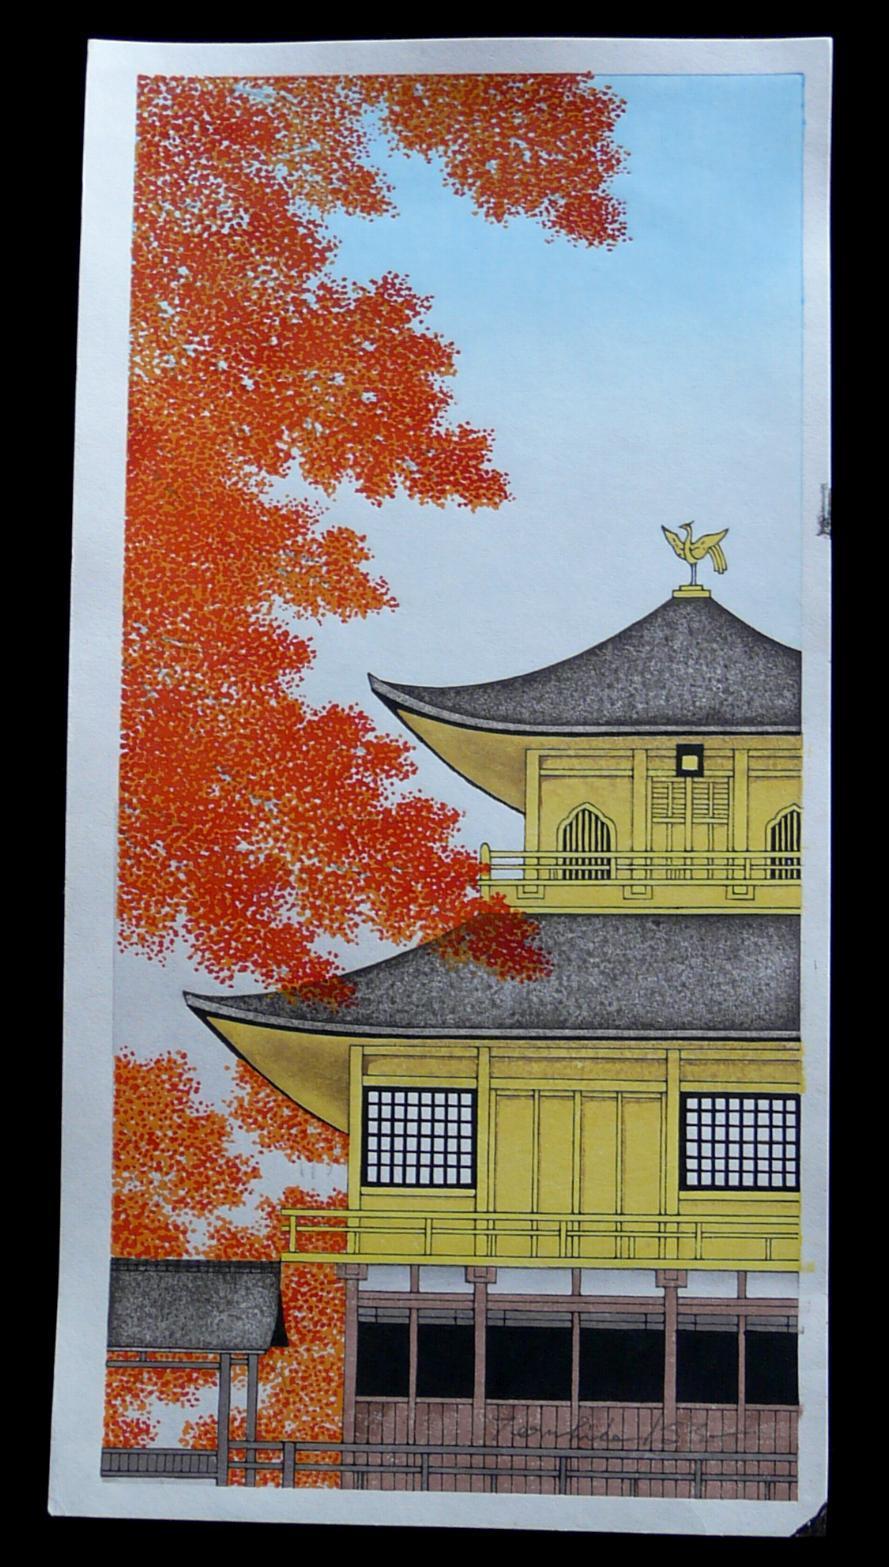 TERUHIDE KATO: #P3718 THE GOLDEN TEMPLE IN AUTUMN